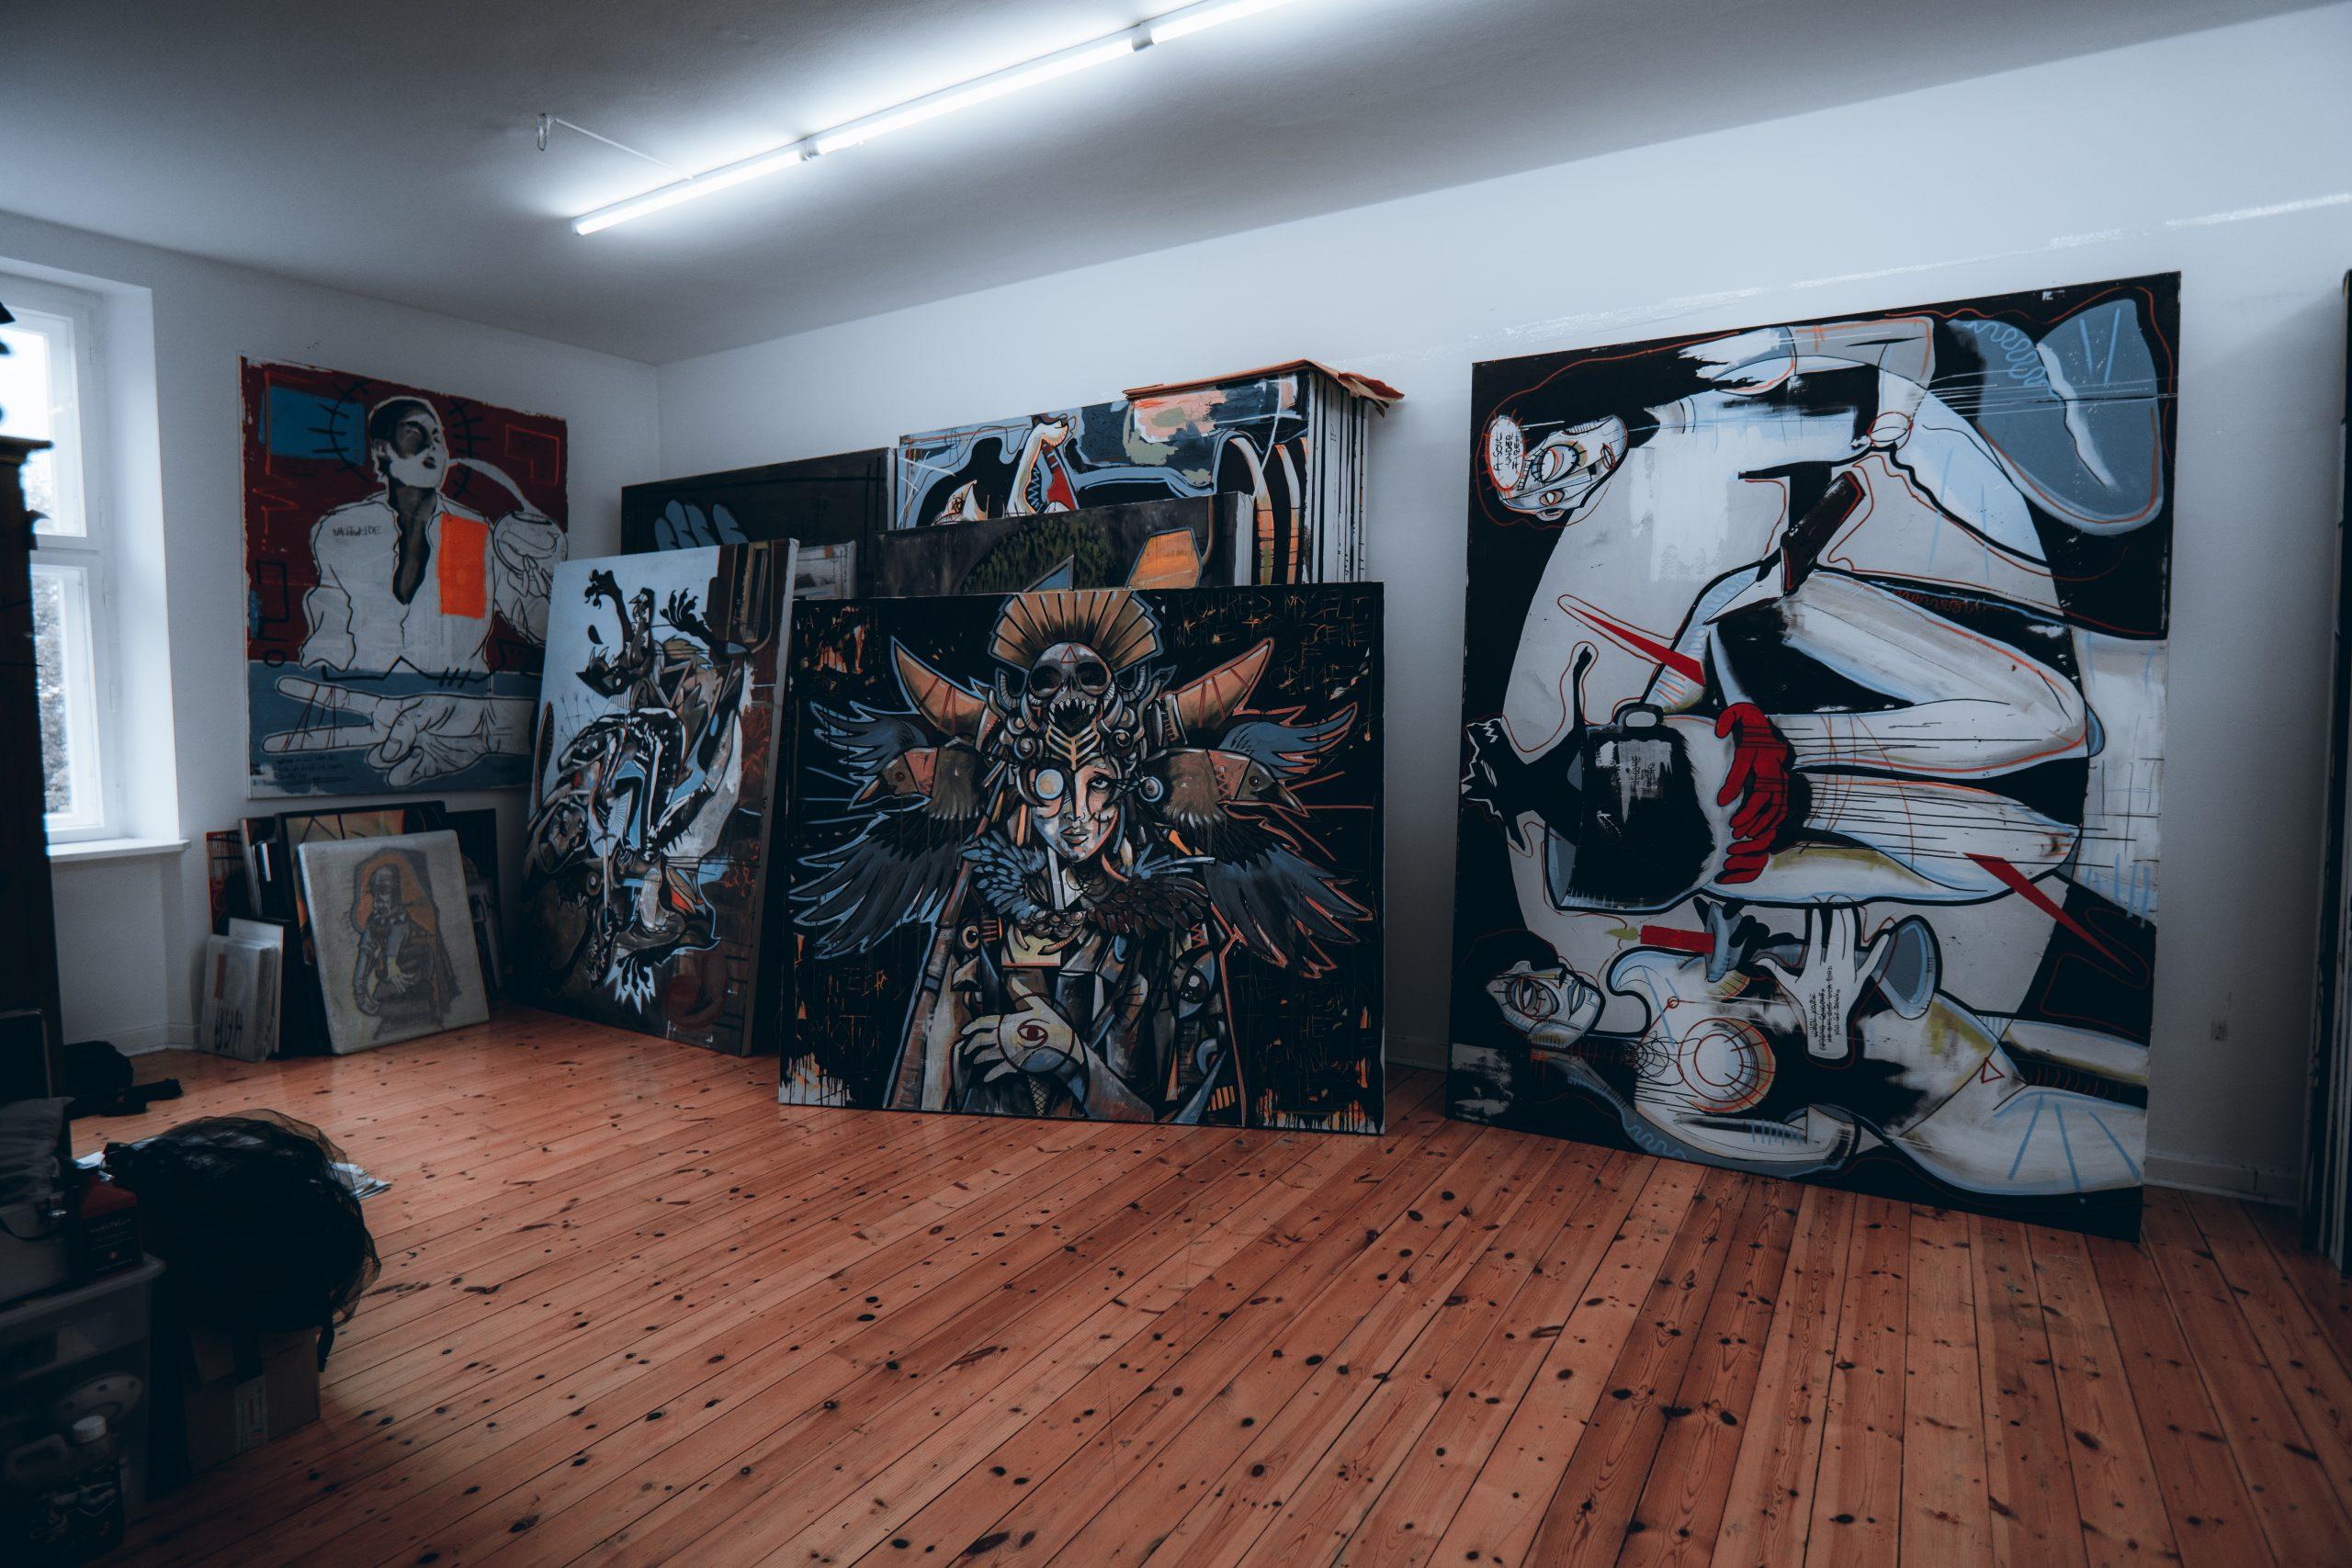 DANIEL HARMS | MIA LINGVO (2021) BRESHIT (2021) UNDER FIRE (2015)